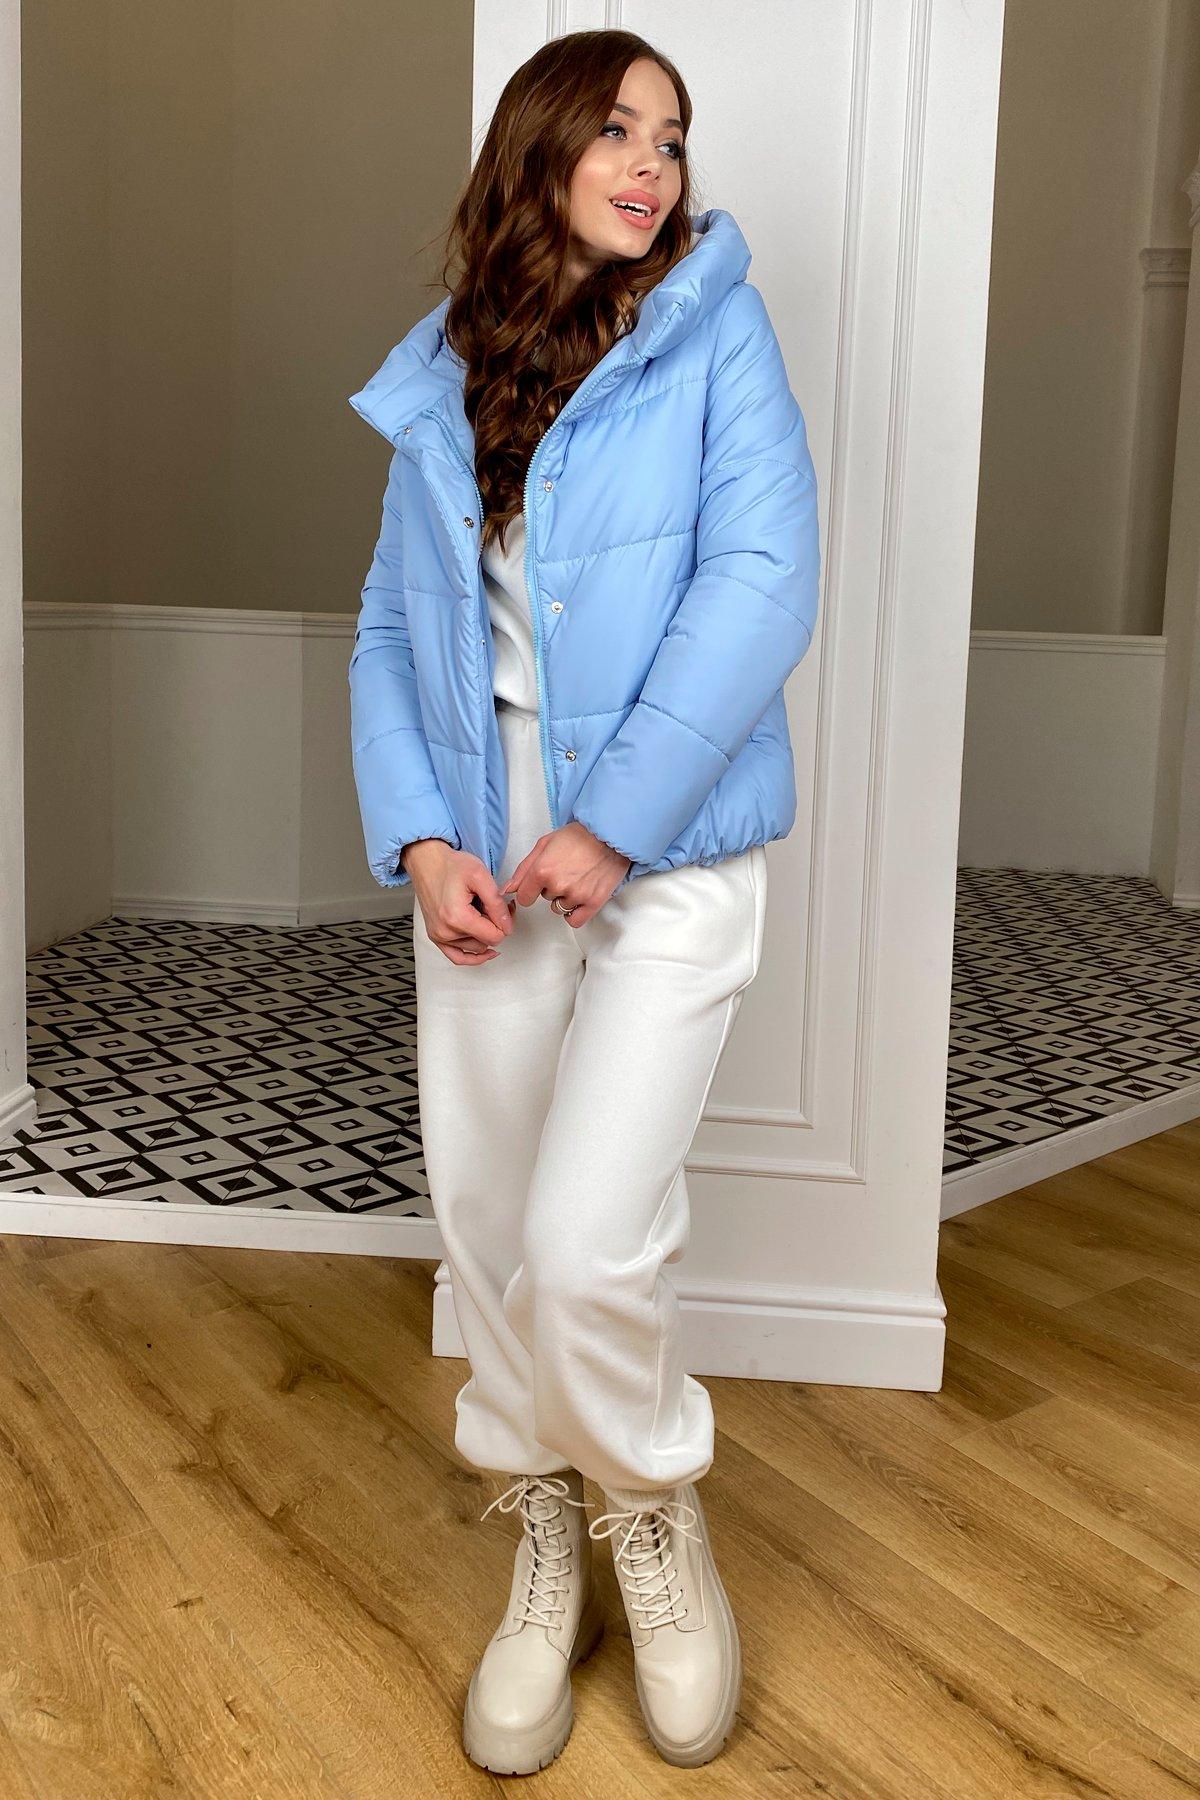 Рито  куртка из плащевой ткани Ammy  10443 АРТ. 46773 Цвет: Голубой - фото 3, интернет магазин tm-modus.ru